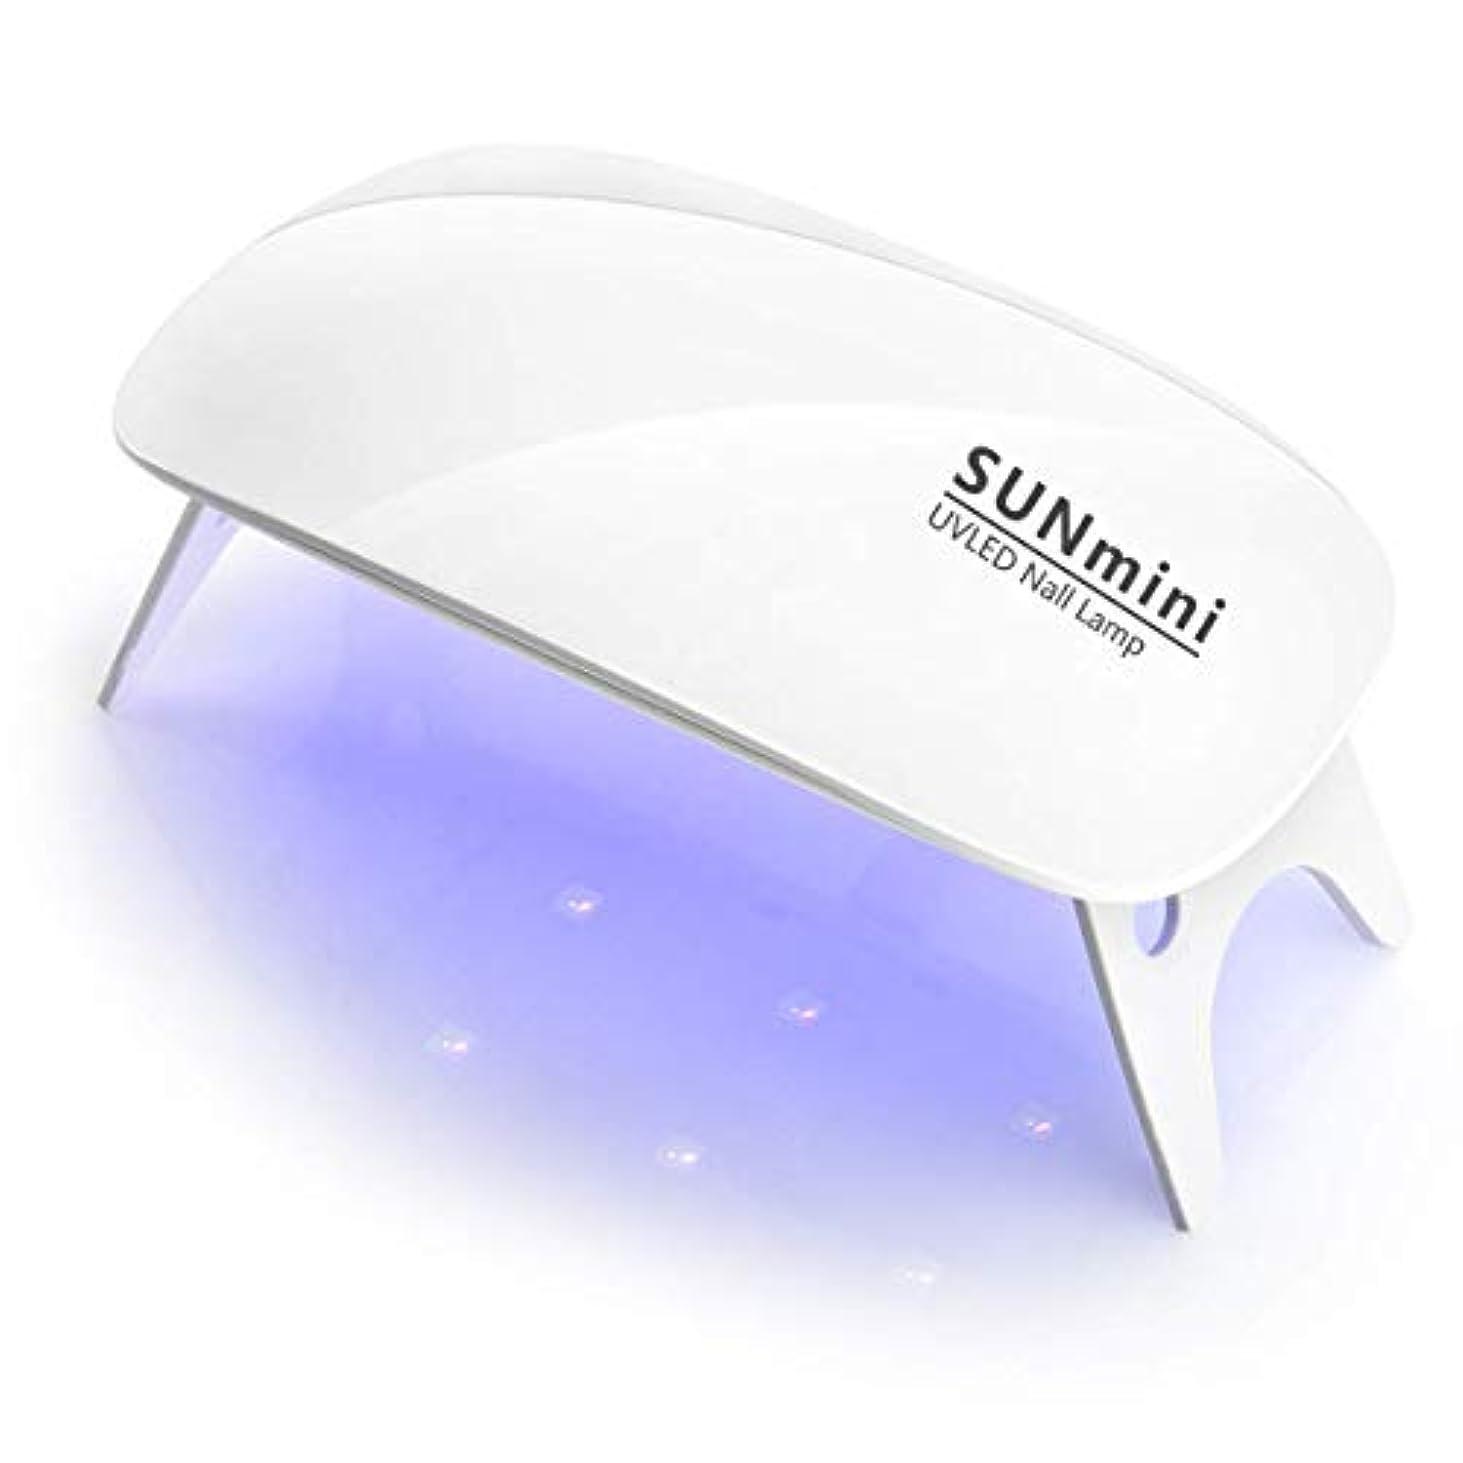 モニカおとなしい魅惑するLEDネイルドライヤー LEDジェルネイルドライヤー UVライト  ジェルネイルライト usbライト OYANTEN 硬化ライト LED タイマー設定可能 折りたたみ式 軽量 持ち運び便利(ホワイト ネイルファイルが付け)